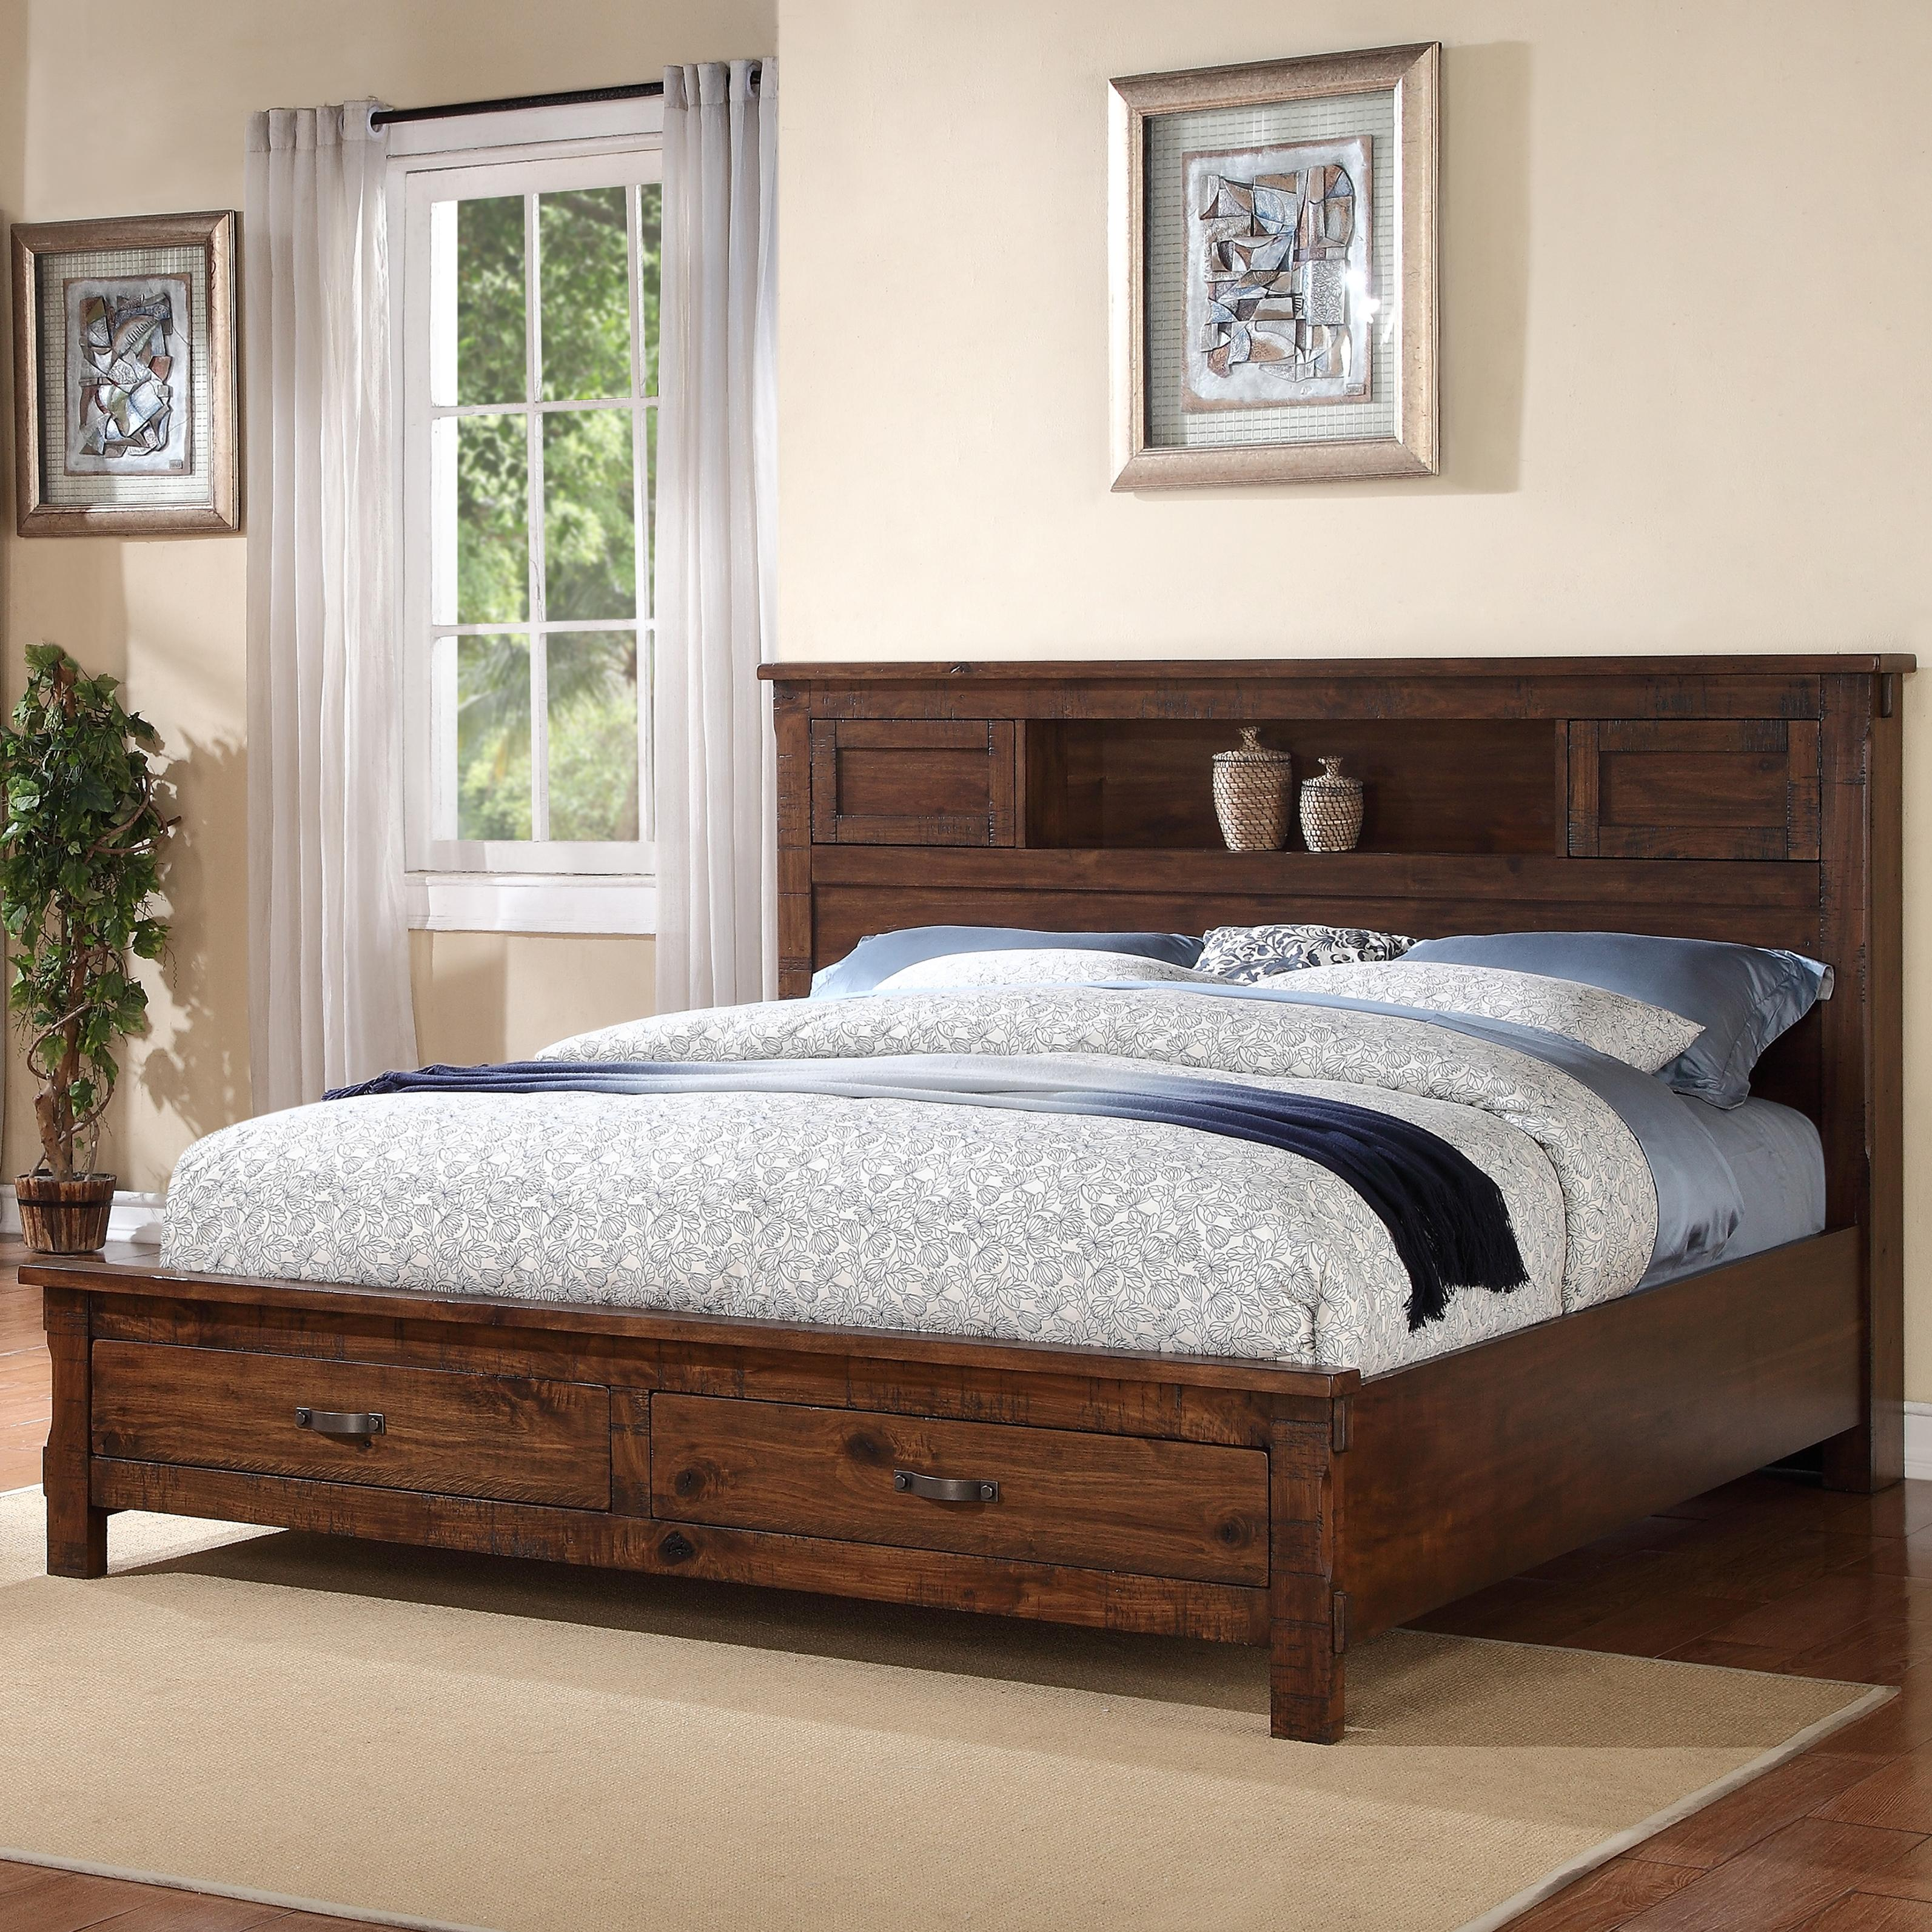 Legends Furniture Restoration King Storage Bed - Item Number: ZRST-7004+09+10